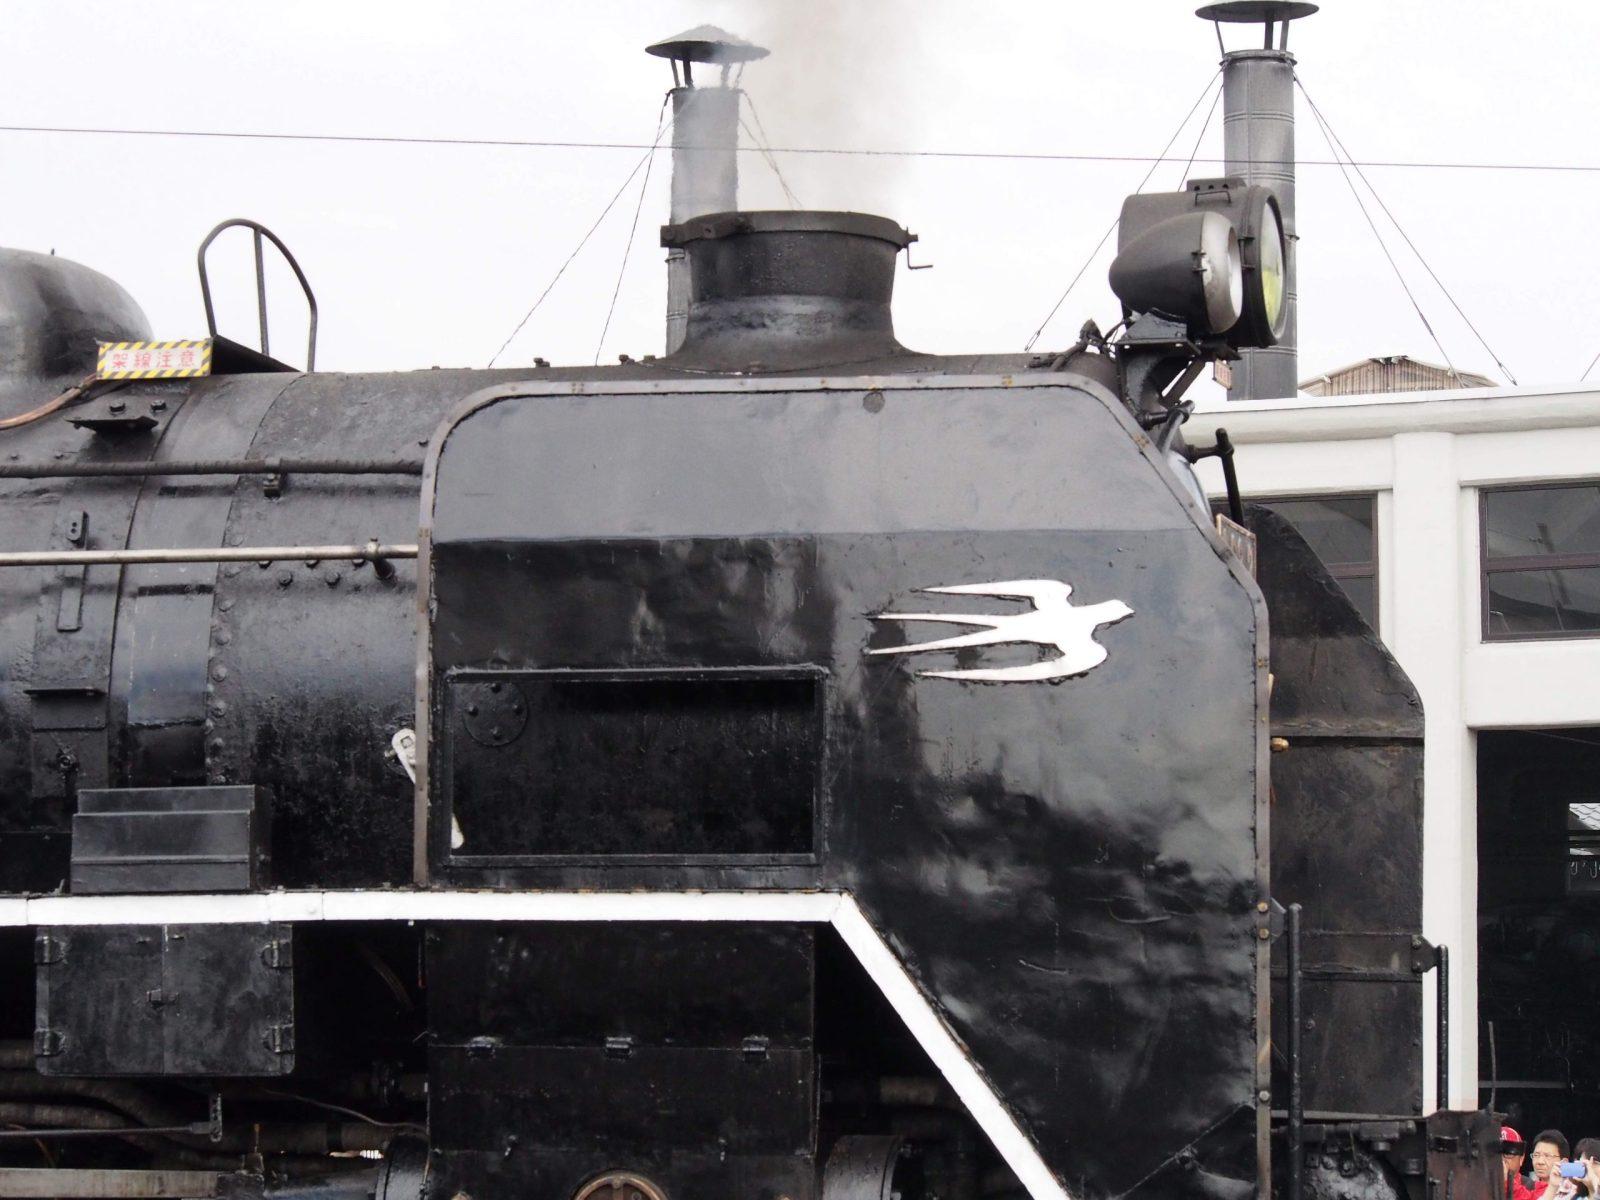 決してエリートじゃなかったところが魅力!鉄道ファンライターがC62 2が好きな気持ちをつづってみた